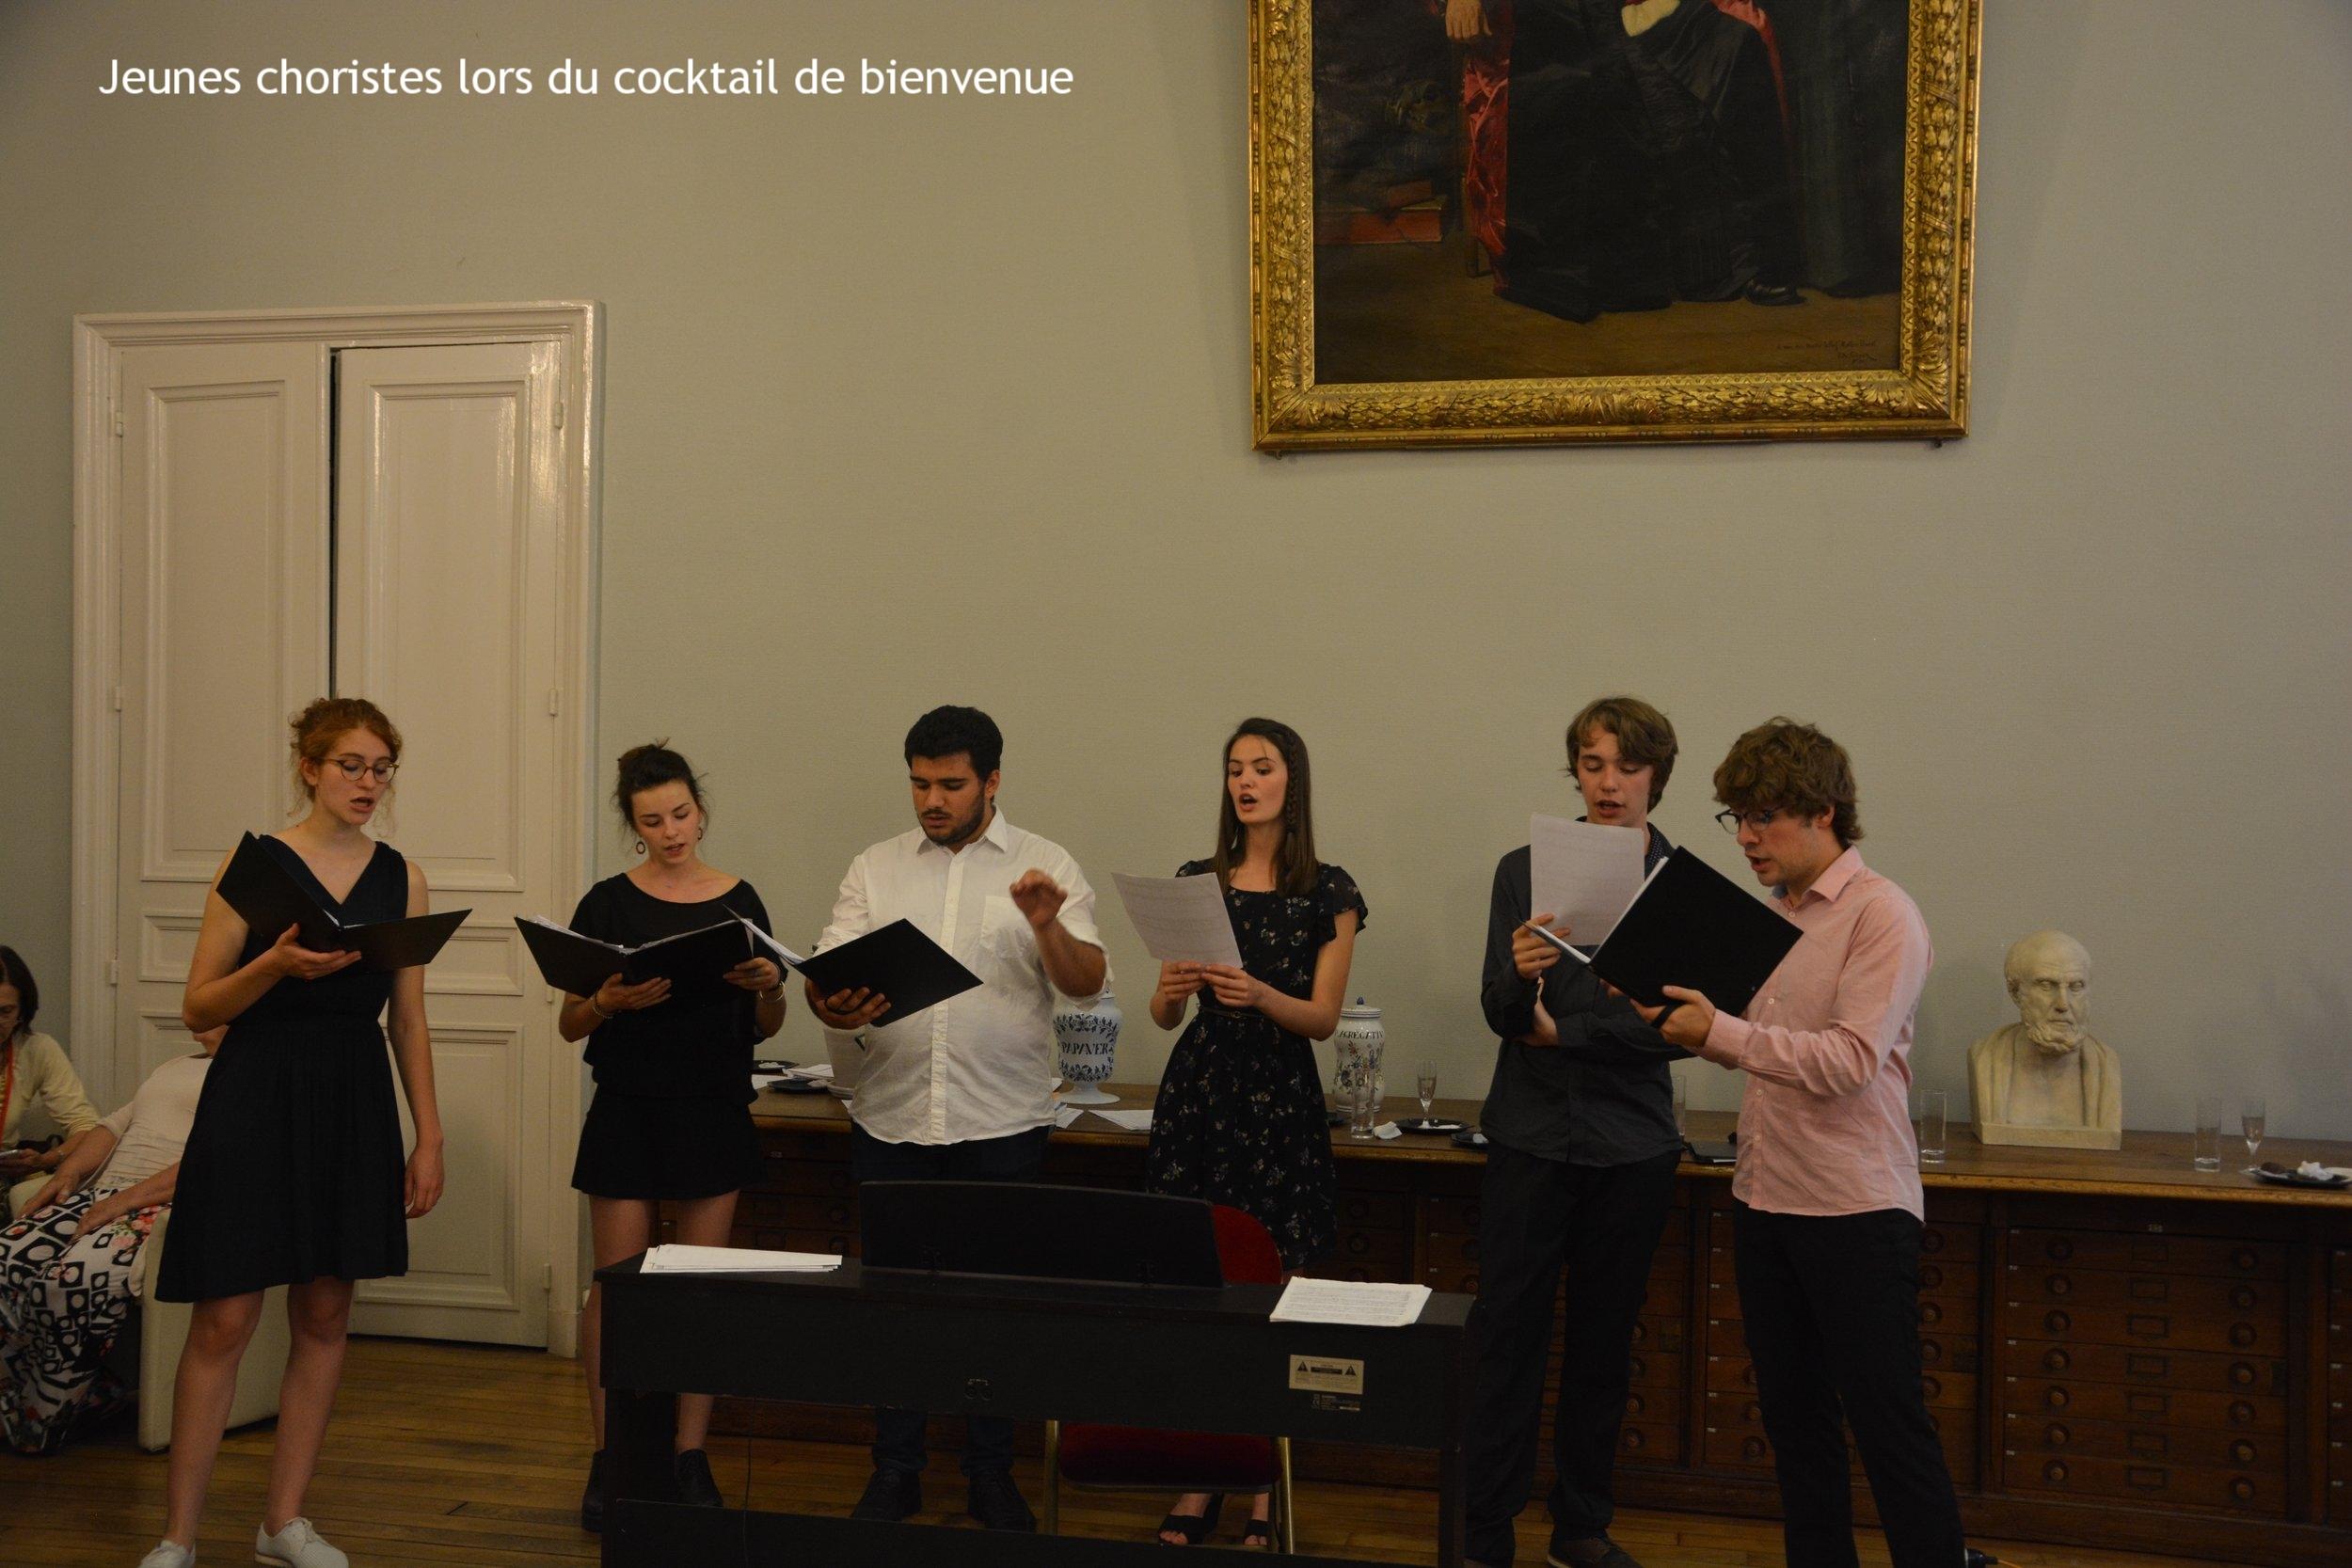 Choristes1.jpg